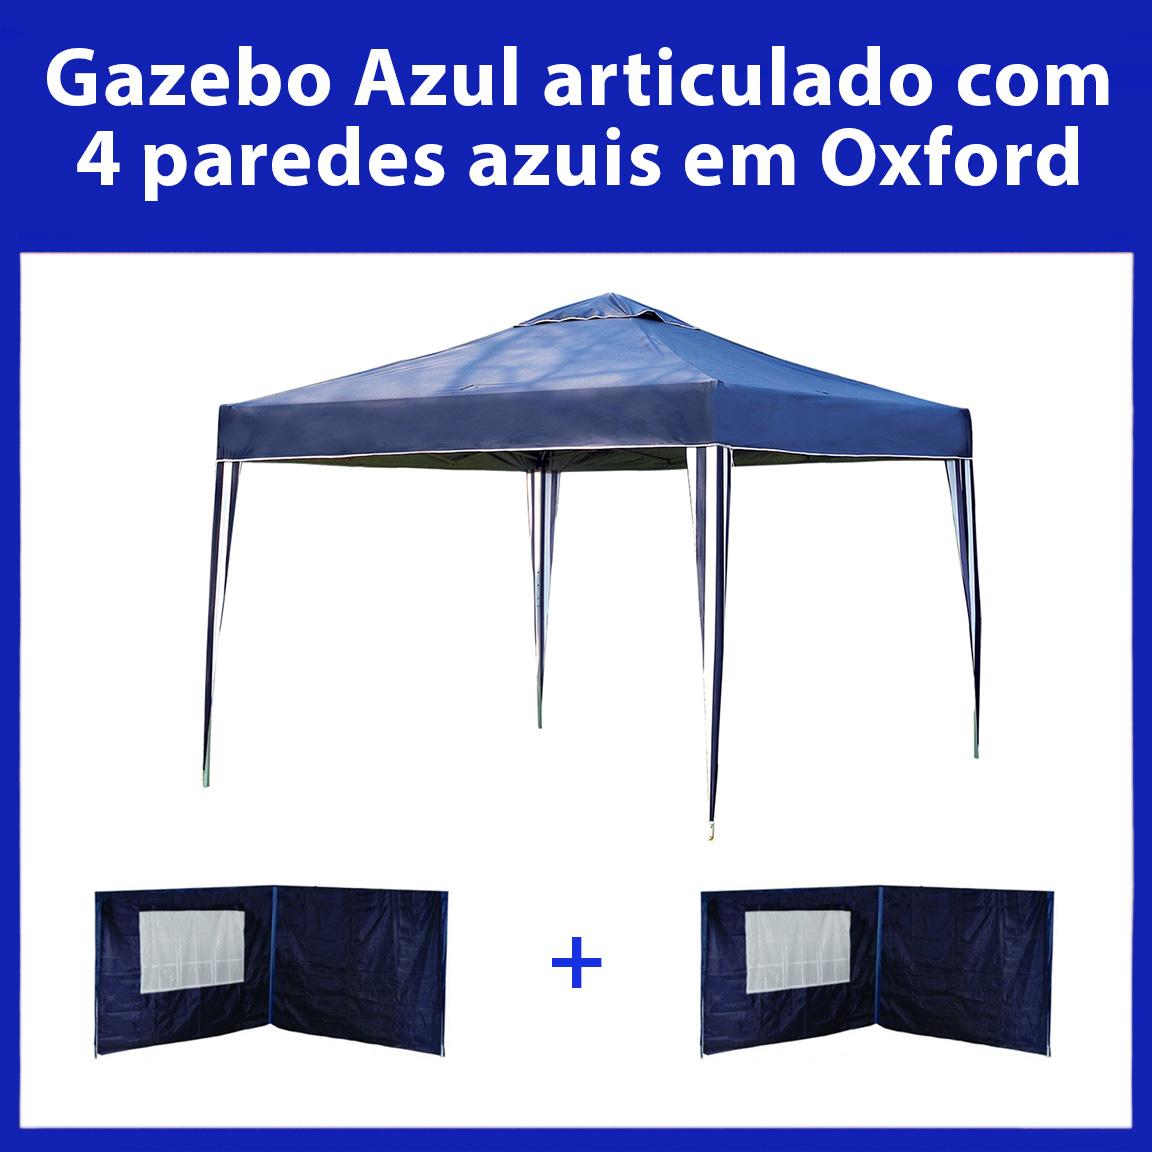 Gazebo 3x3 Articulado Azul em Aço + 4 Paredes Azuis de Oxford Eleva Mundi